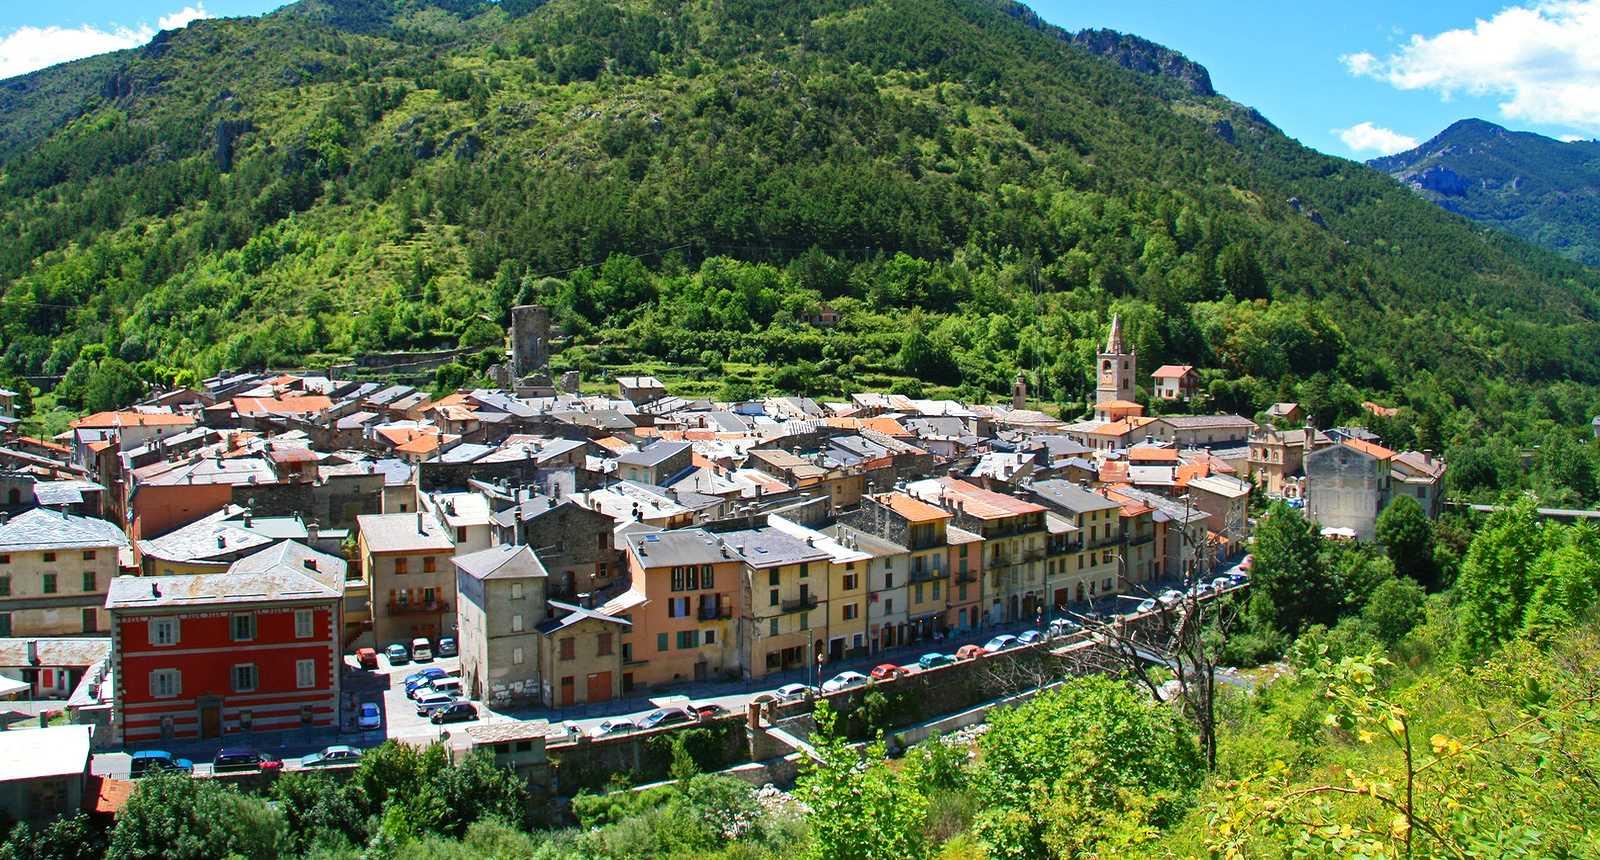 Le village de La Brigue